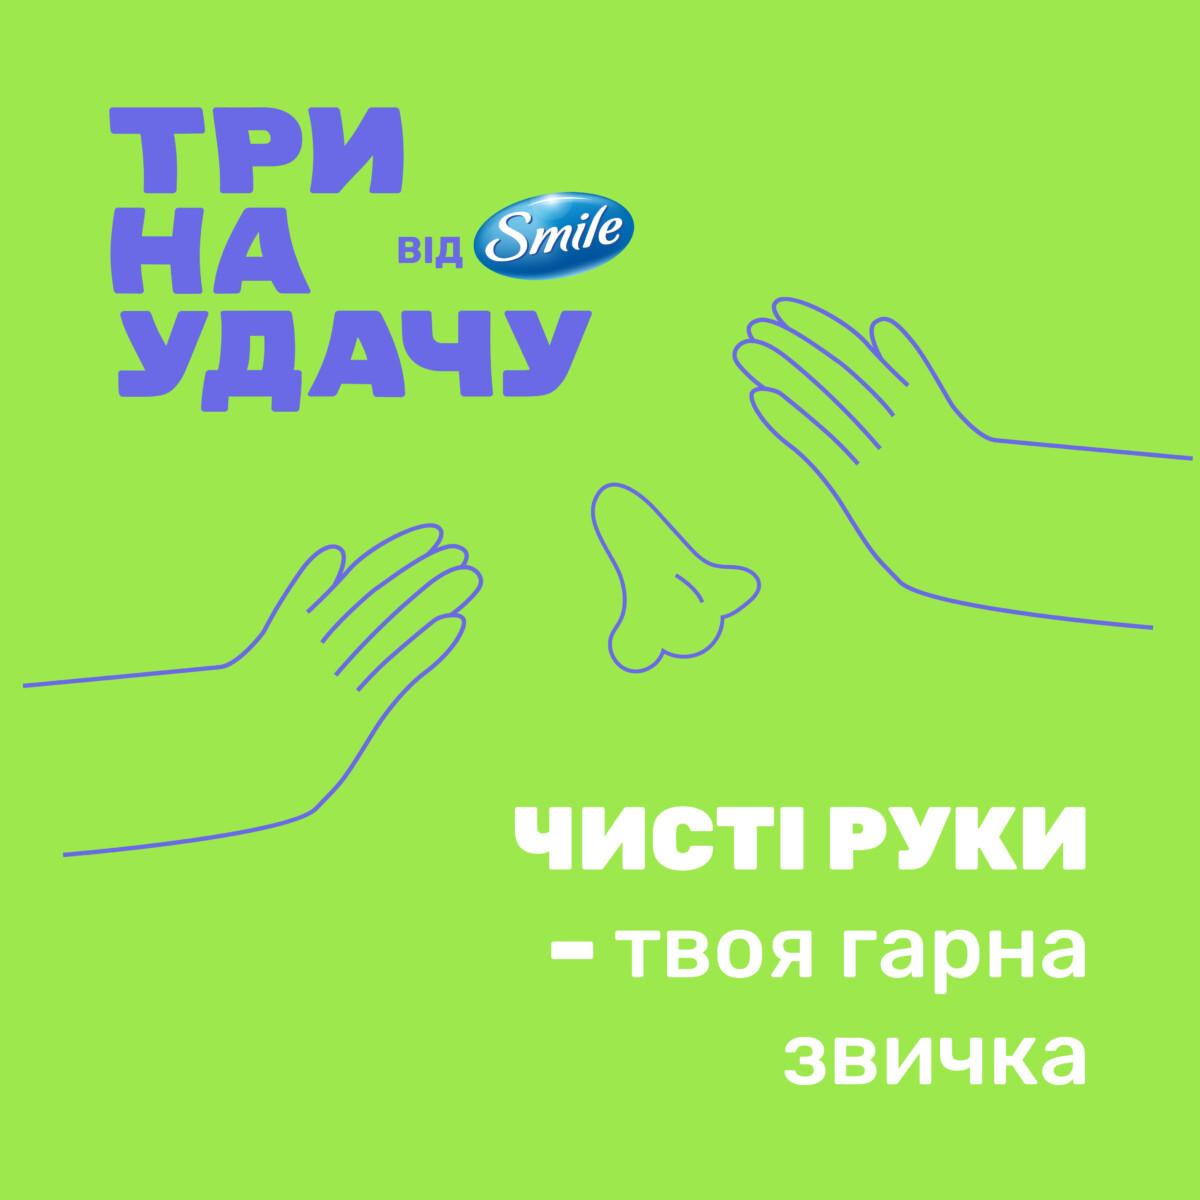 Гіди зі всієї України підпишуть Маніфест безпечних екскурсій - Biosphere